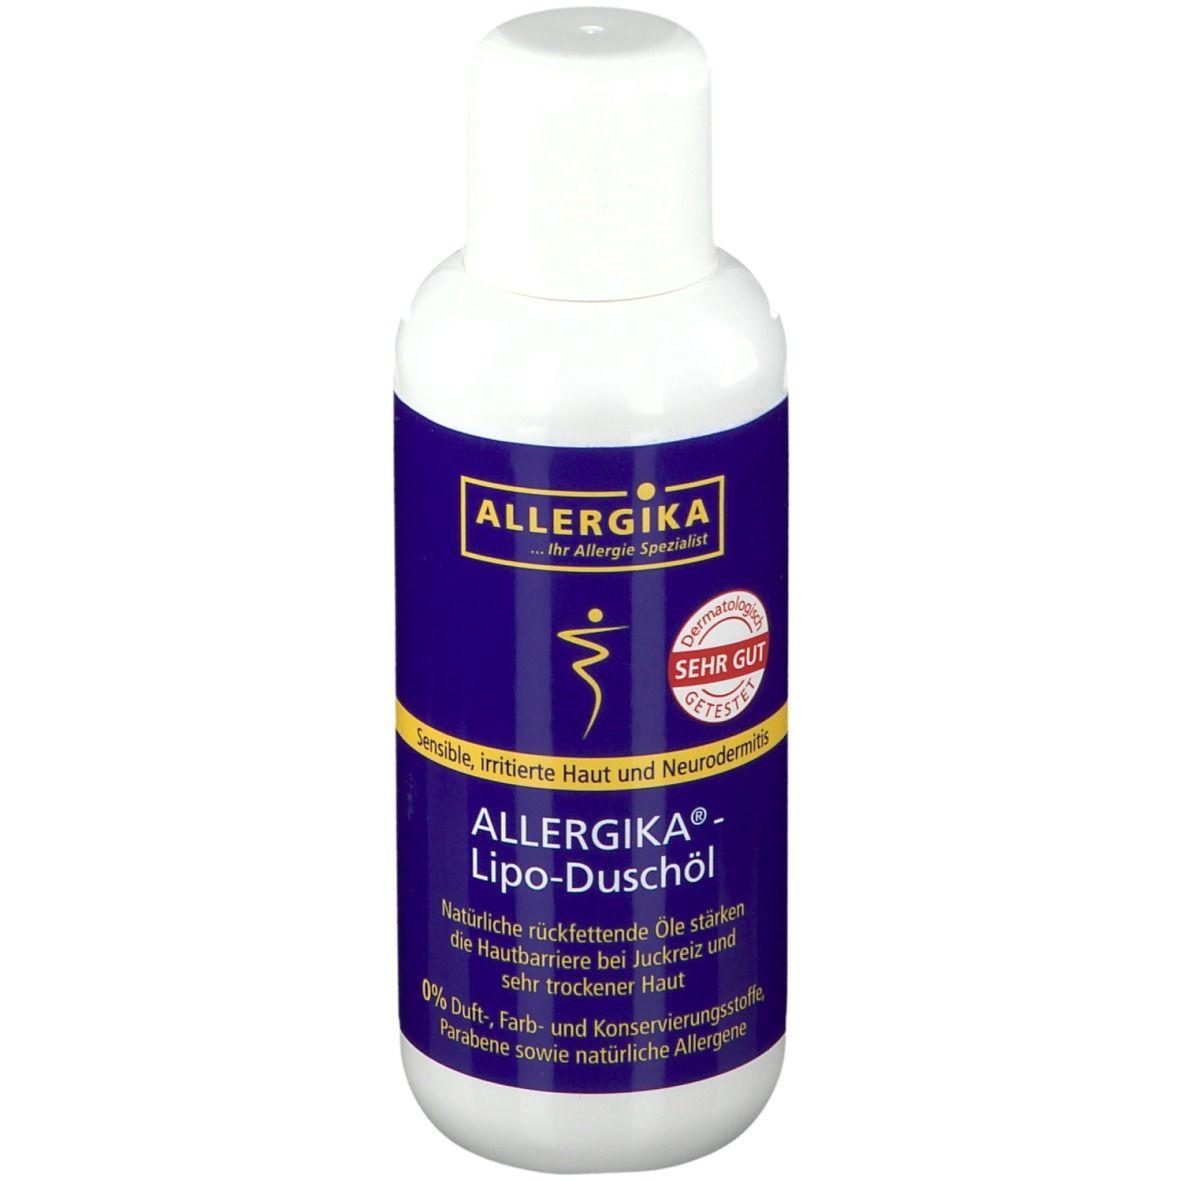 Image of ALLERGIKA® Lipo-Duschöl